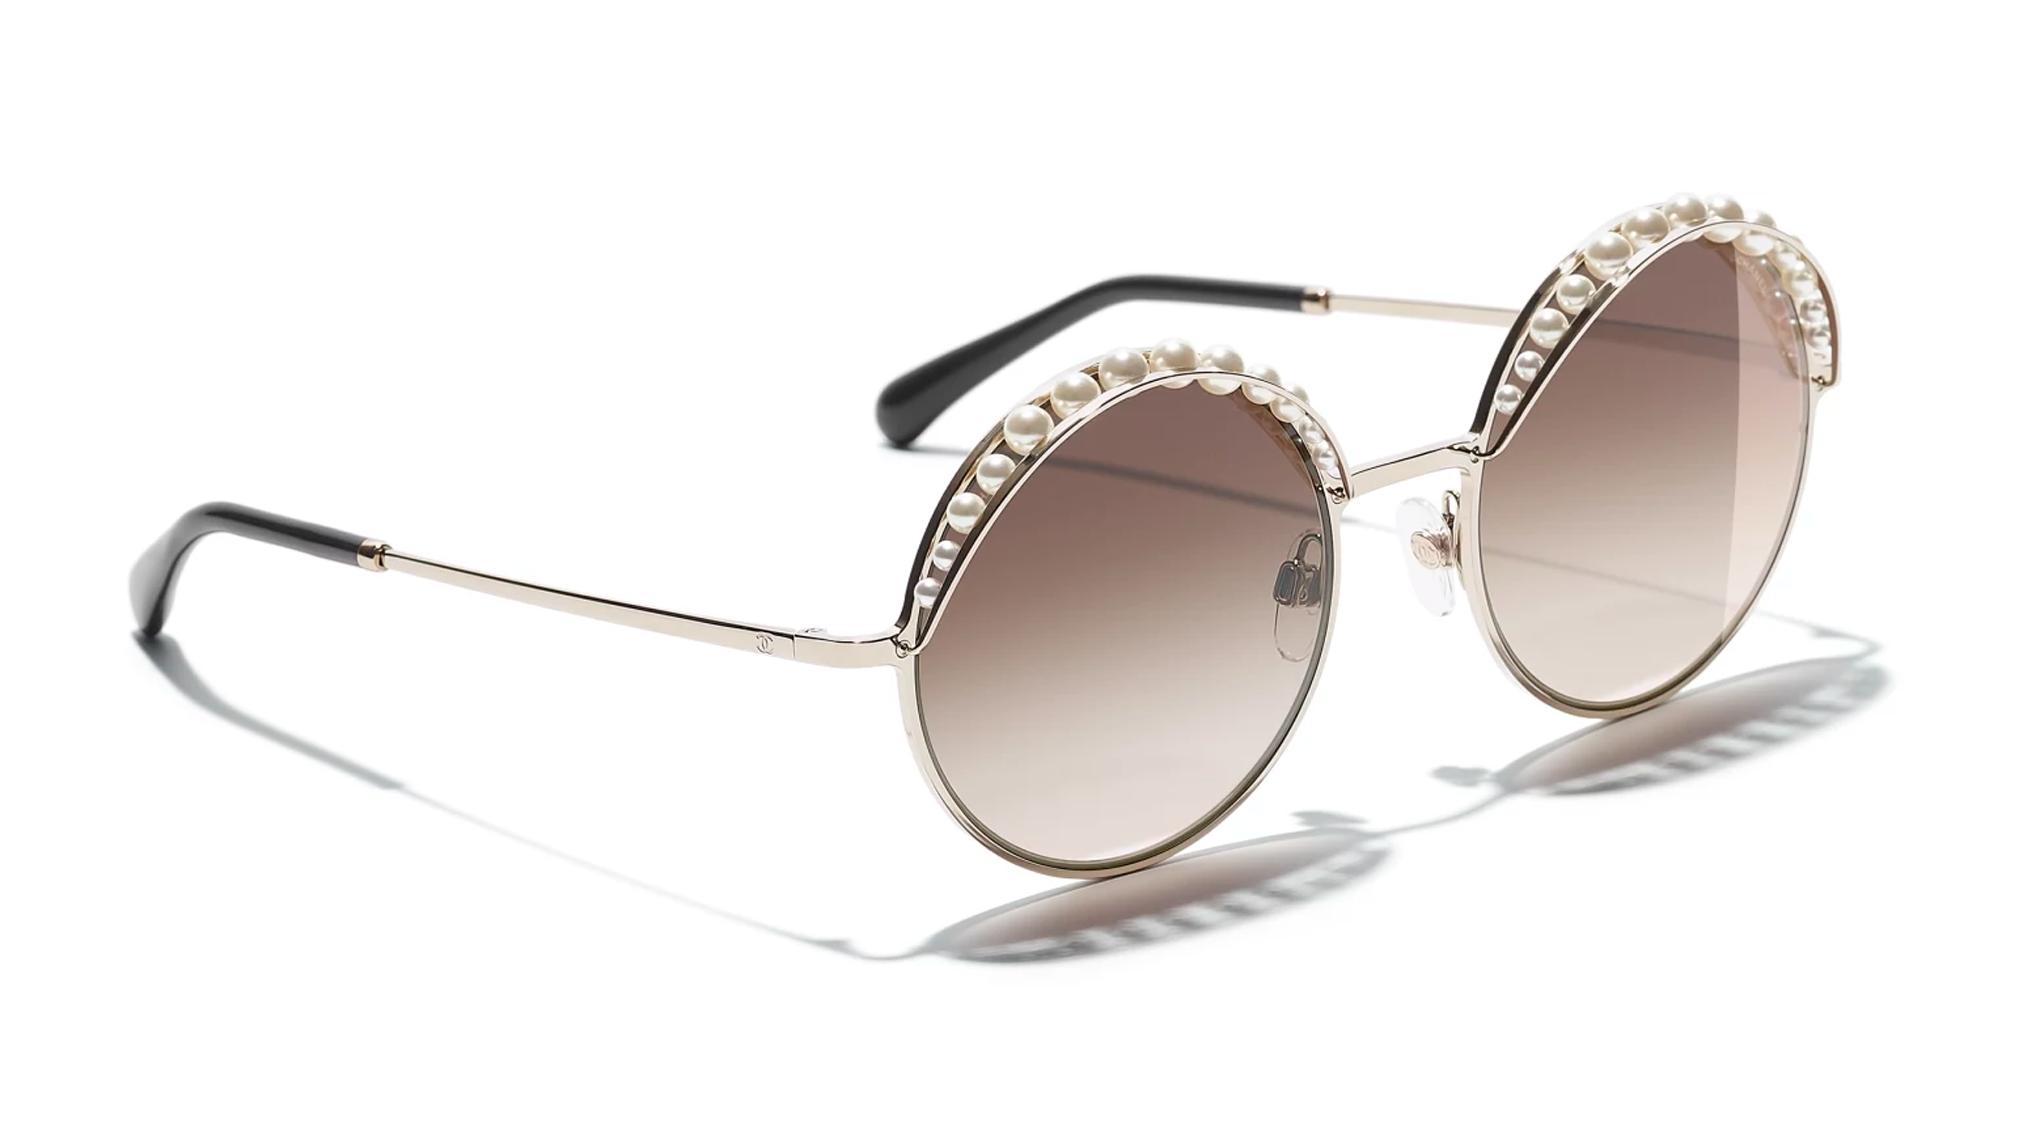 Gli occhiali da sole scelti dalle star sono un'ottima ispirazione per trovare il modello giusto da indossare per l'estate 2018: piccoli e sottili come quelli di Bella Hadid e Kirsten Stewart, a goccia come quelli di Amber Heard.